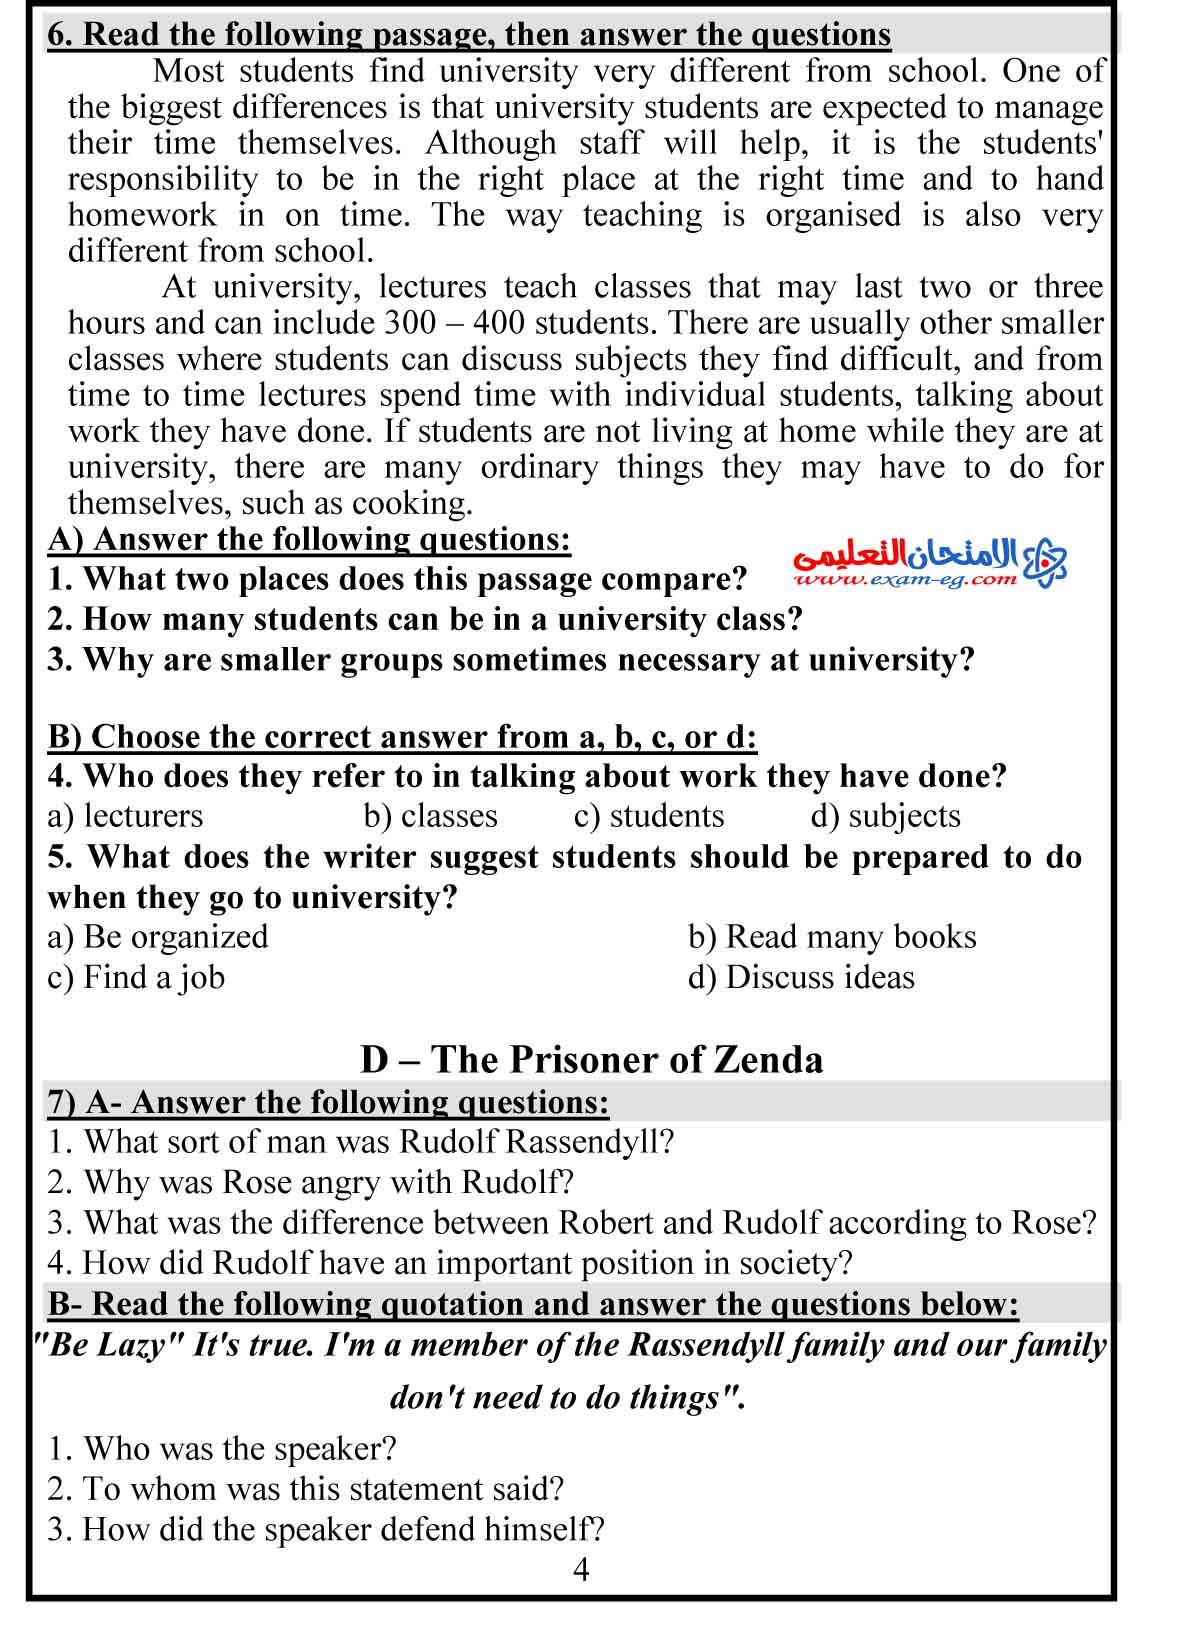 امتحان لغة انجليزية 4 - الامتحان التعليمى-4